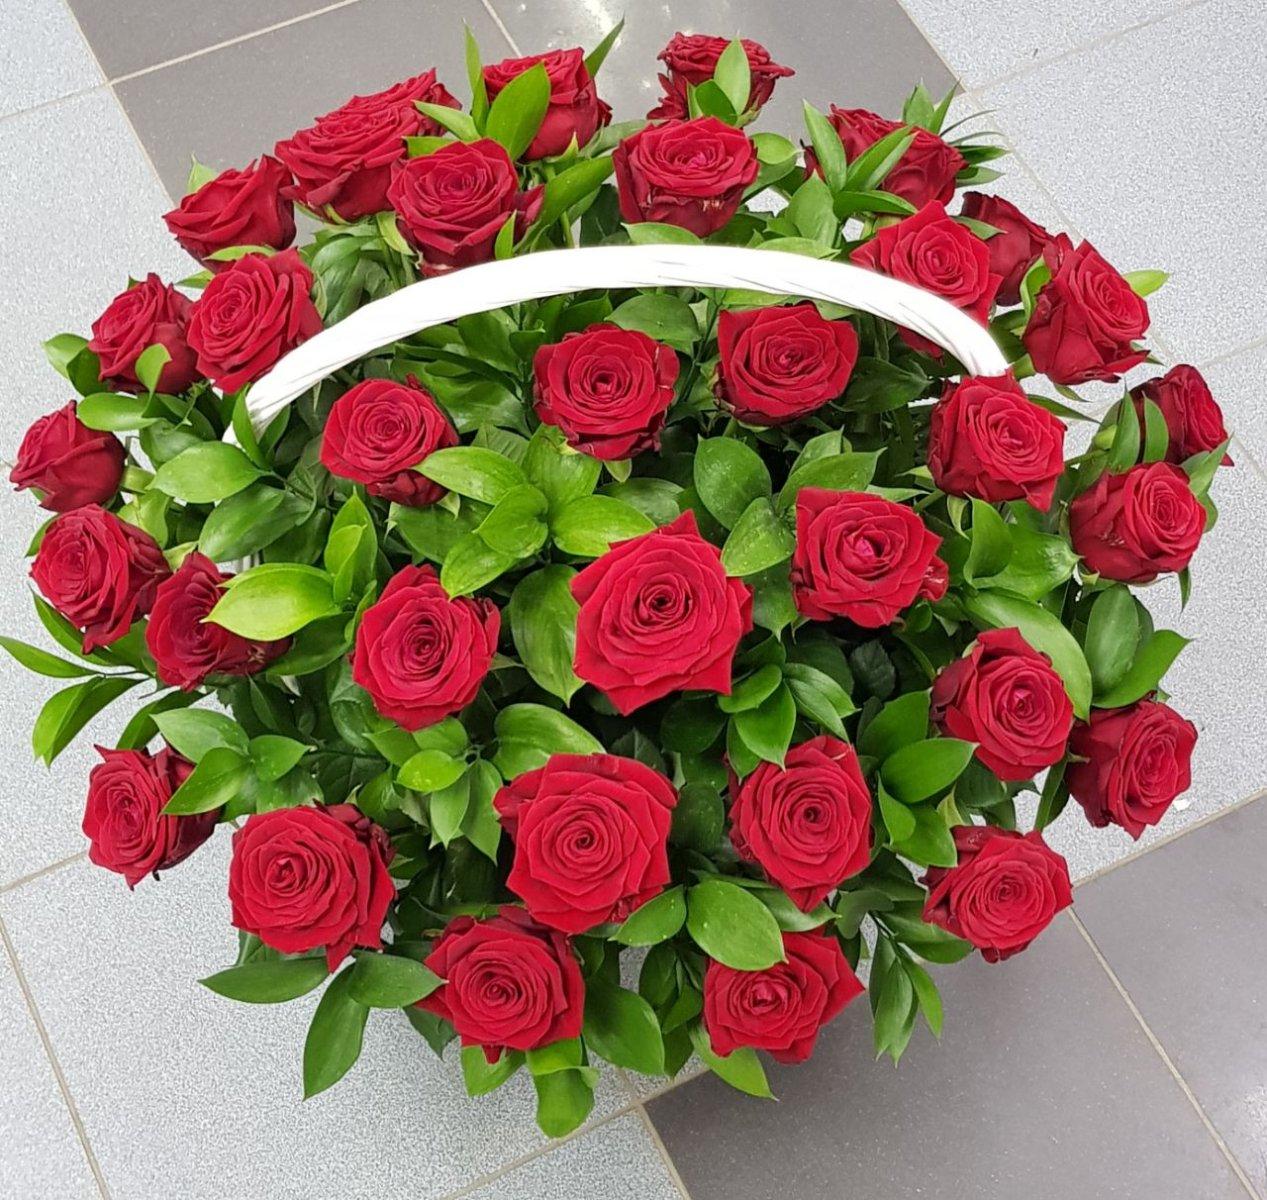 Живые цветы калуга купить розы 250 рублей 10 штук